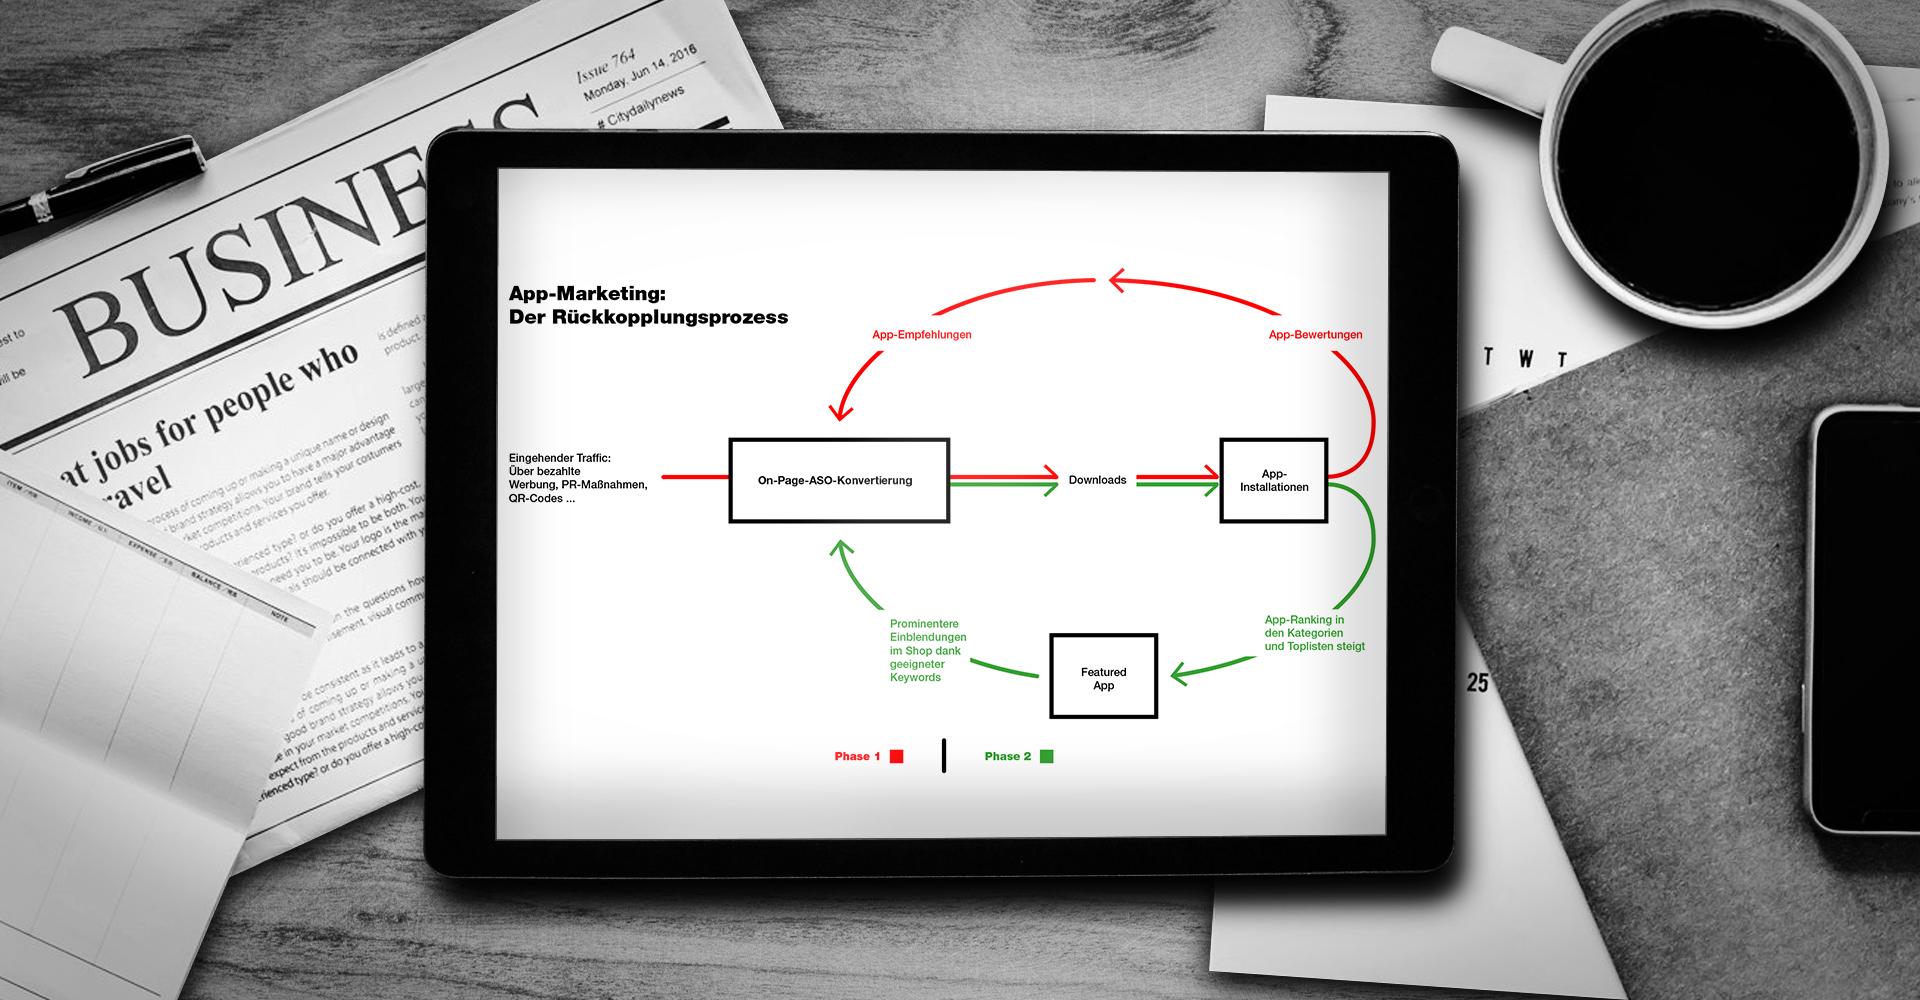 Schaubild zur ASO-Vermarktung einer App